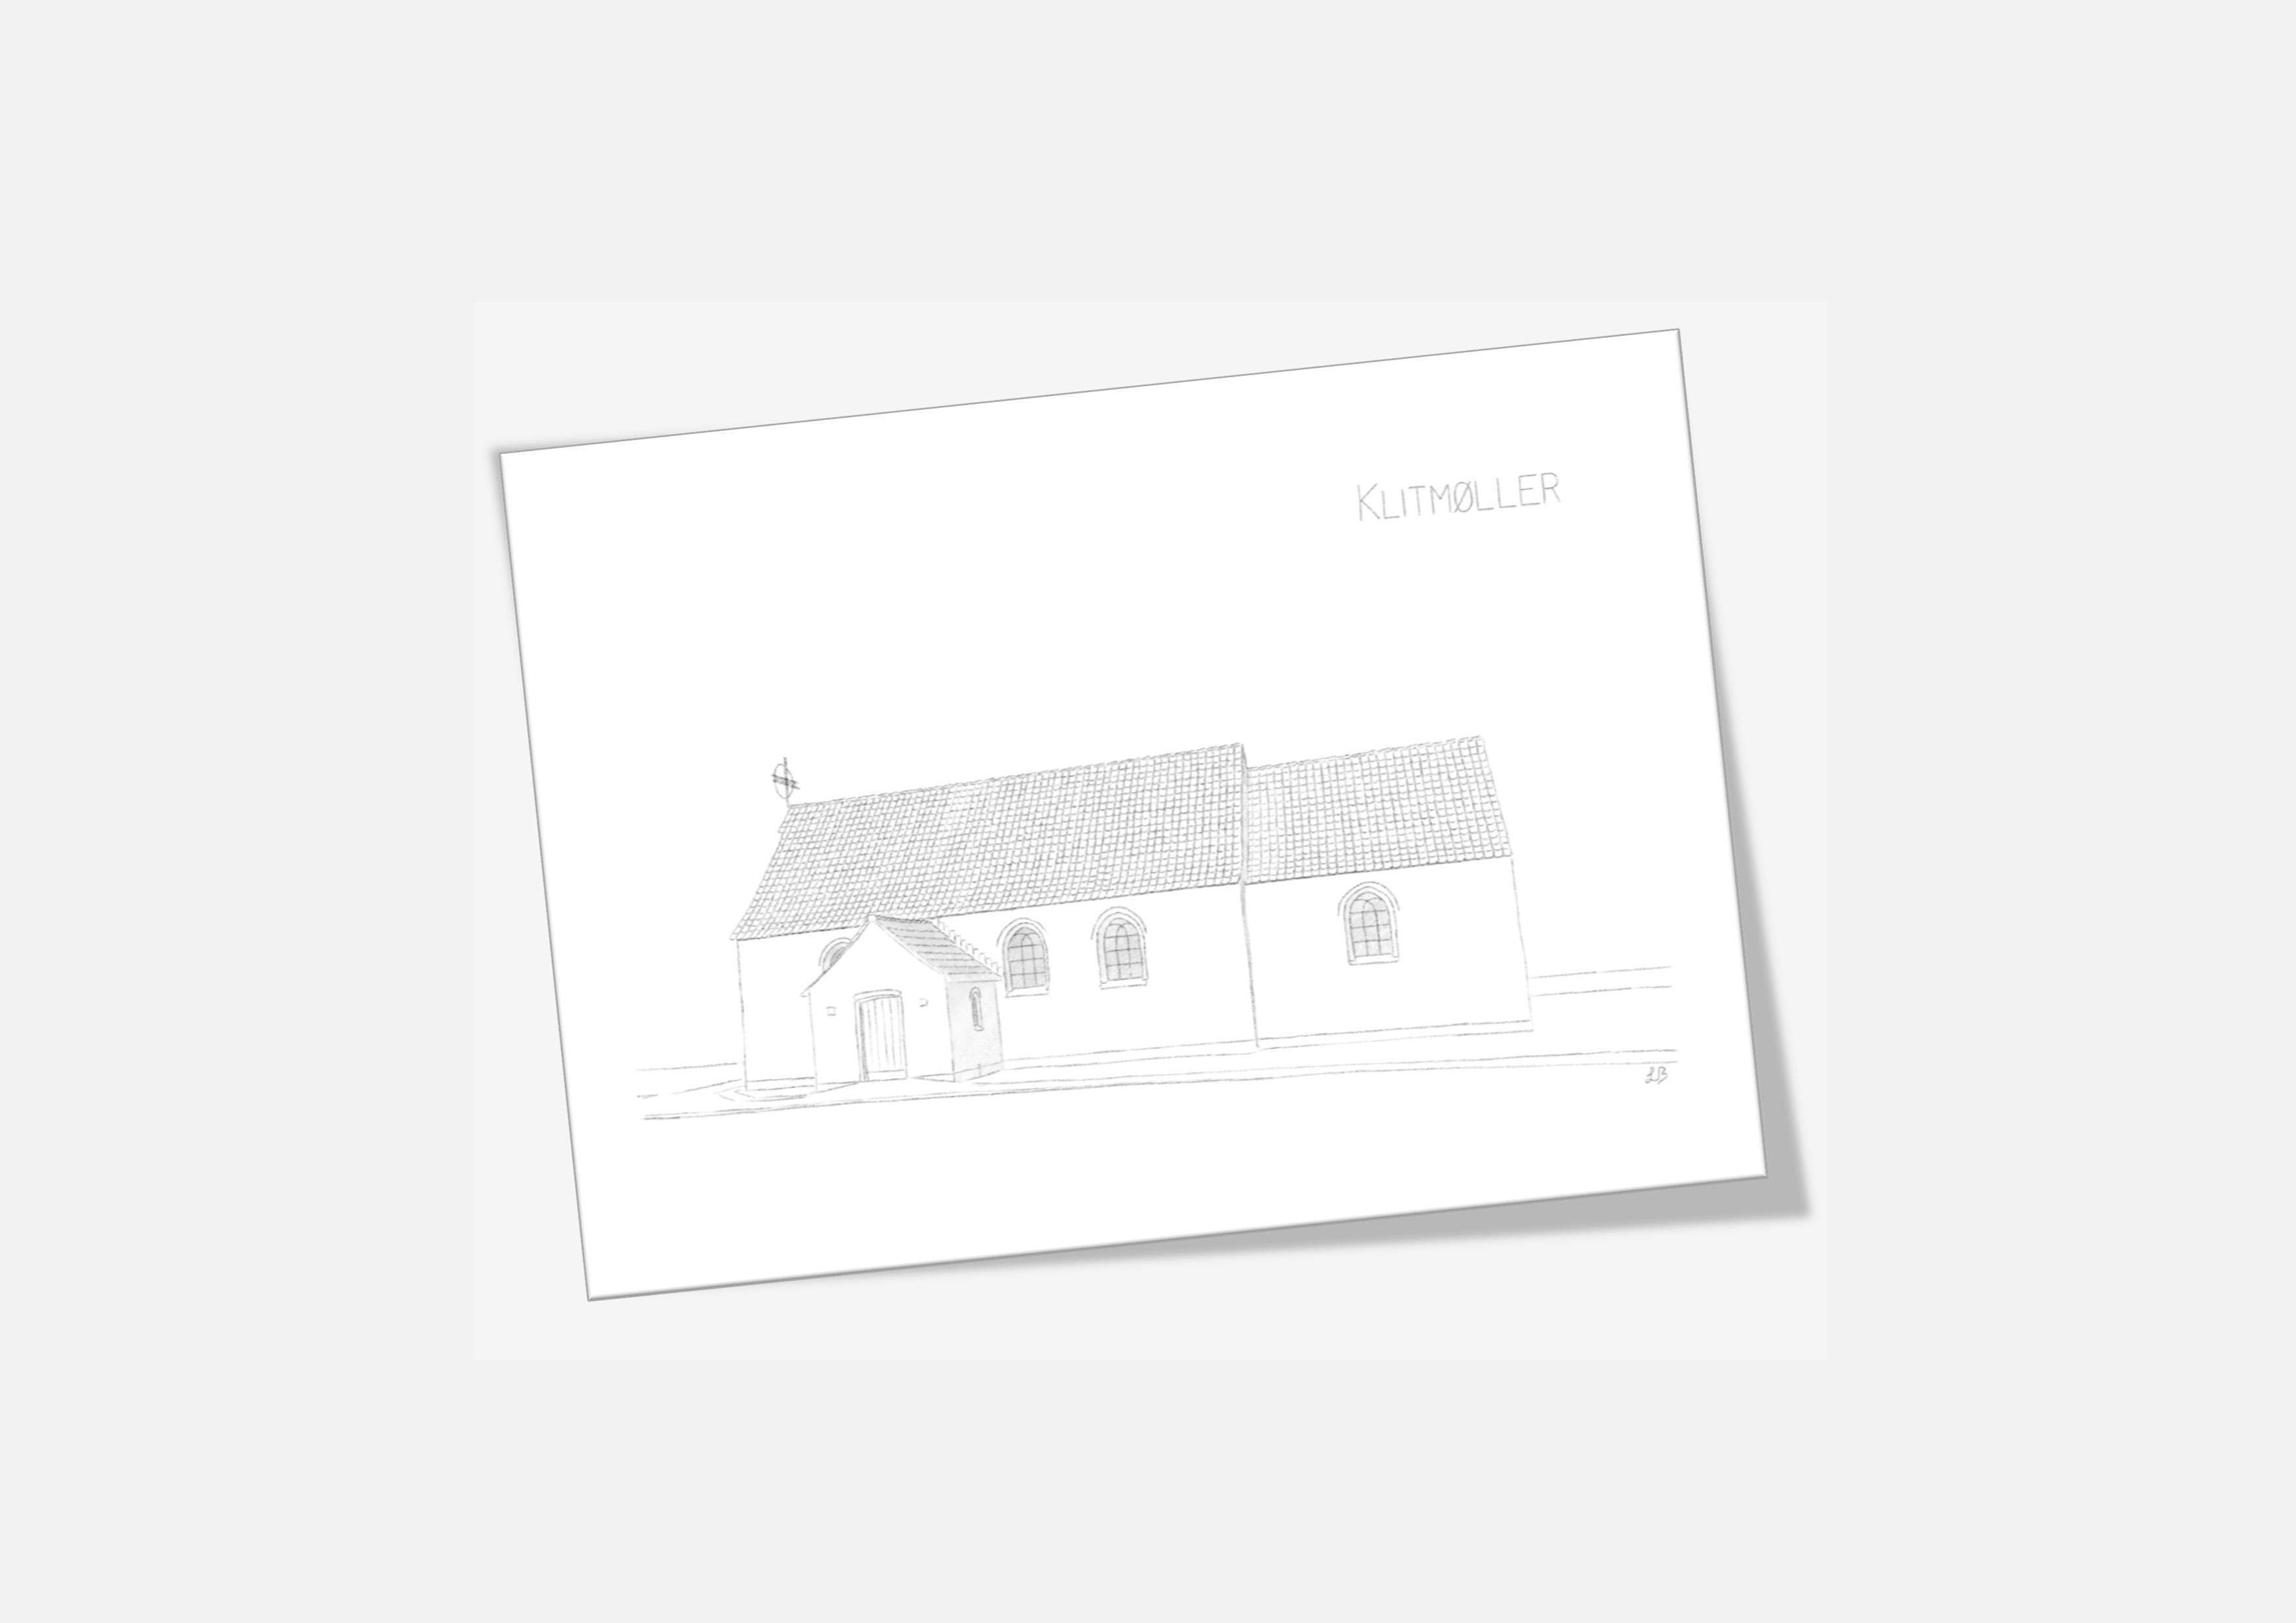 Varebillede Klitmøller Kirke kort